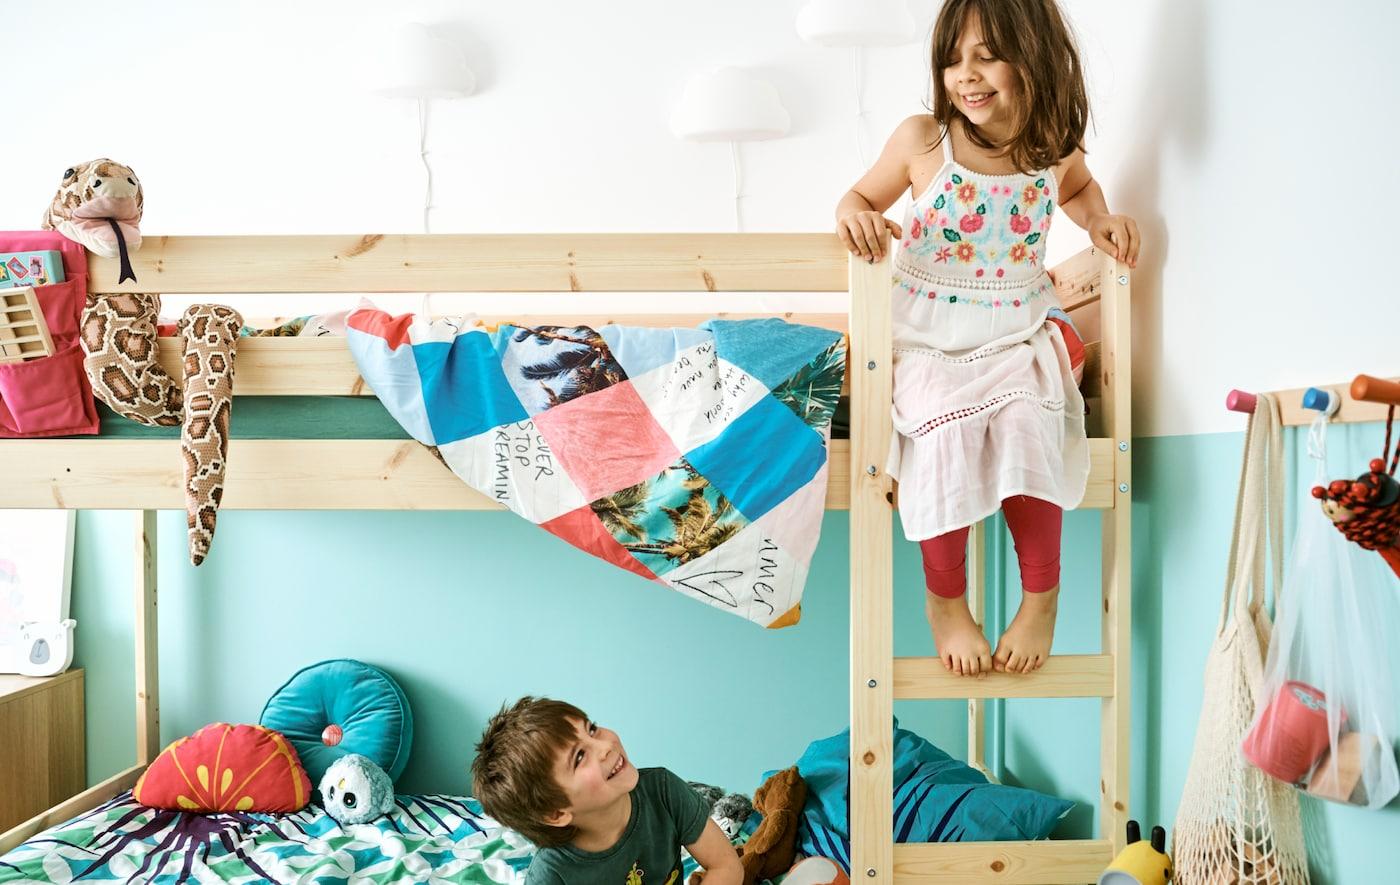 في غرفة نوم أطفال، صبي جالس في السرير السفلي من سرير بطابقين ينظر إلى أخته التي تجلس على سلّم السرير العلوي.